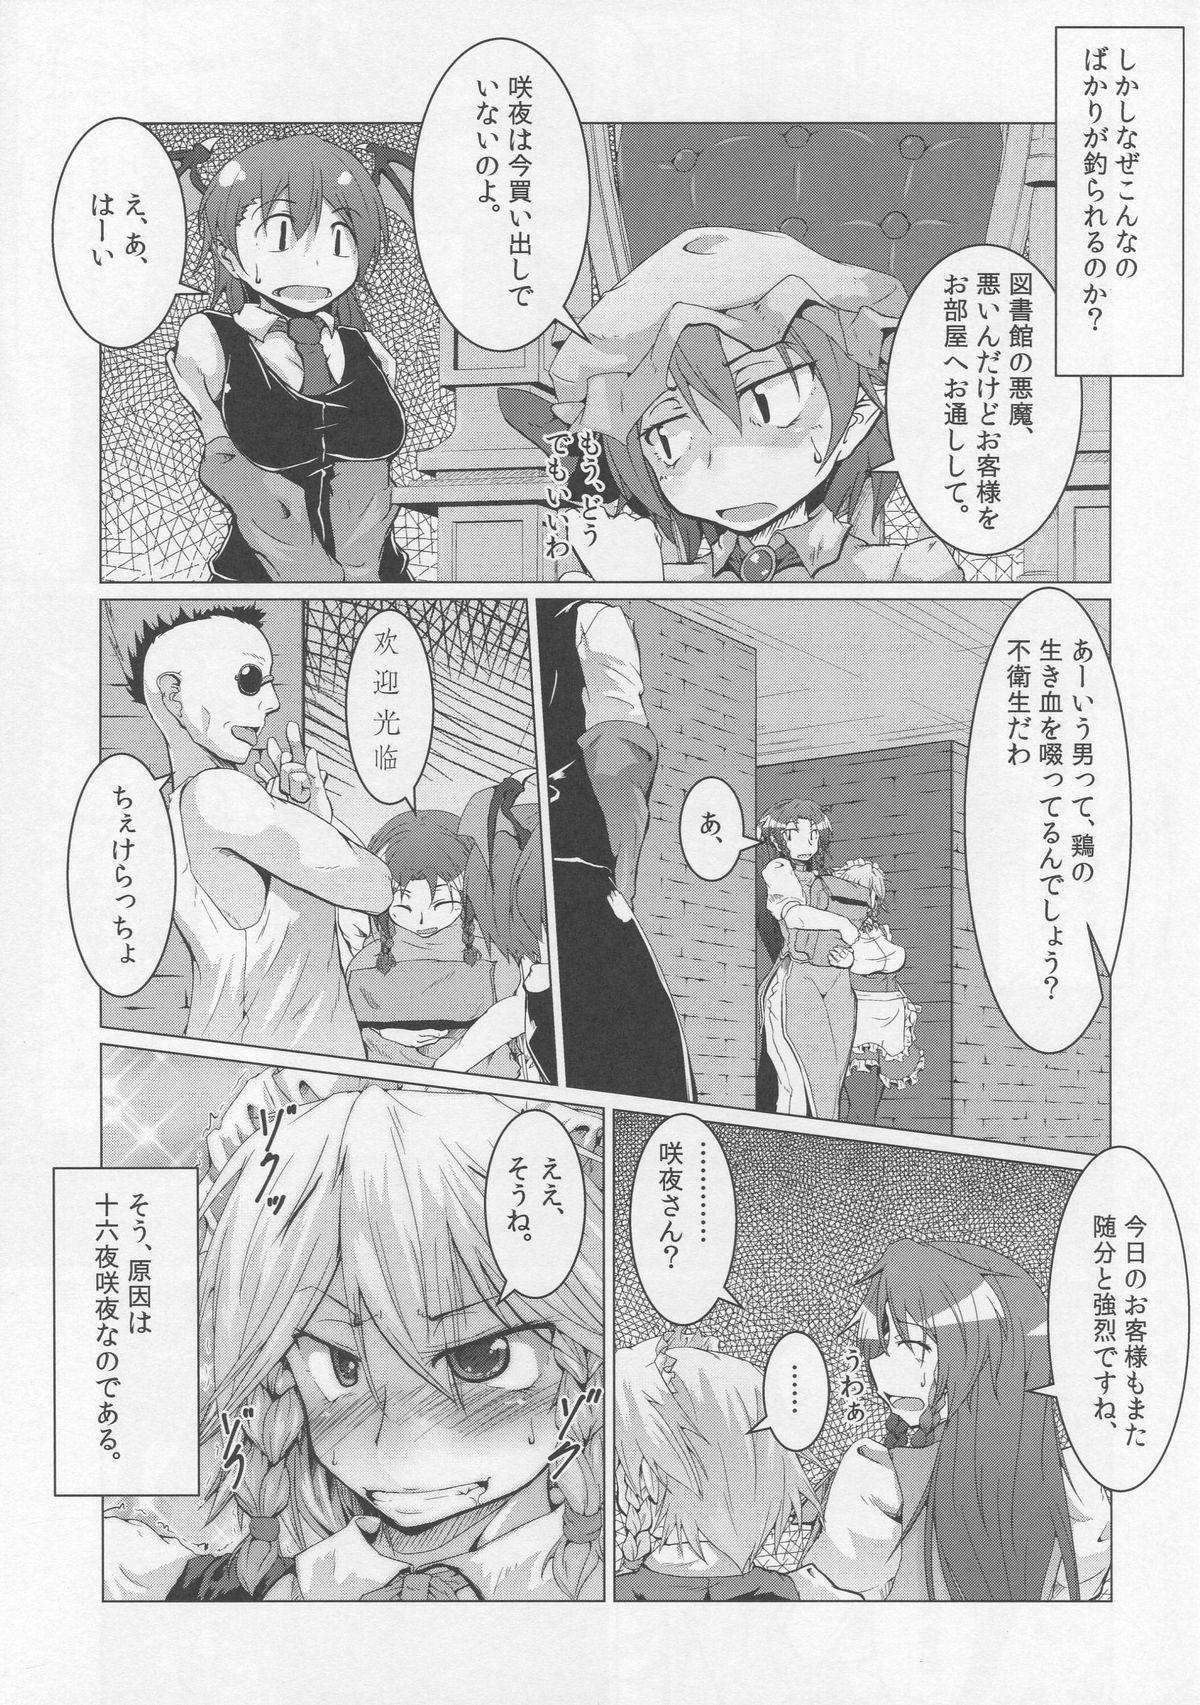 Chuumon no Ooi Sakuya-san no Bishou 3